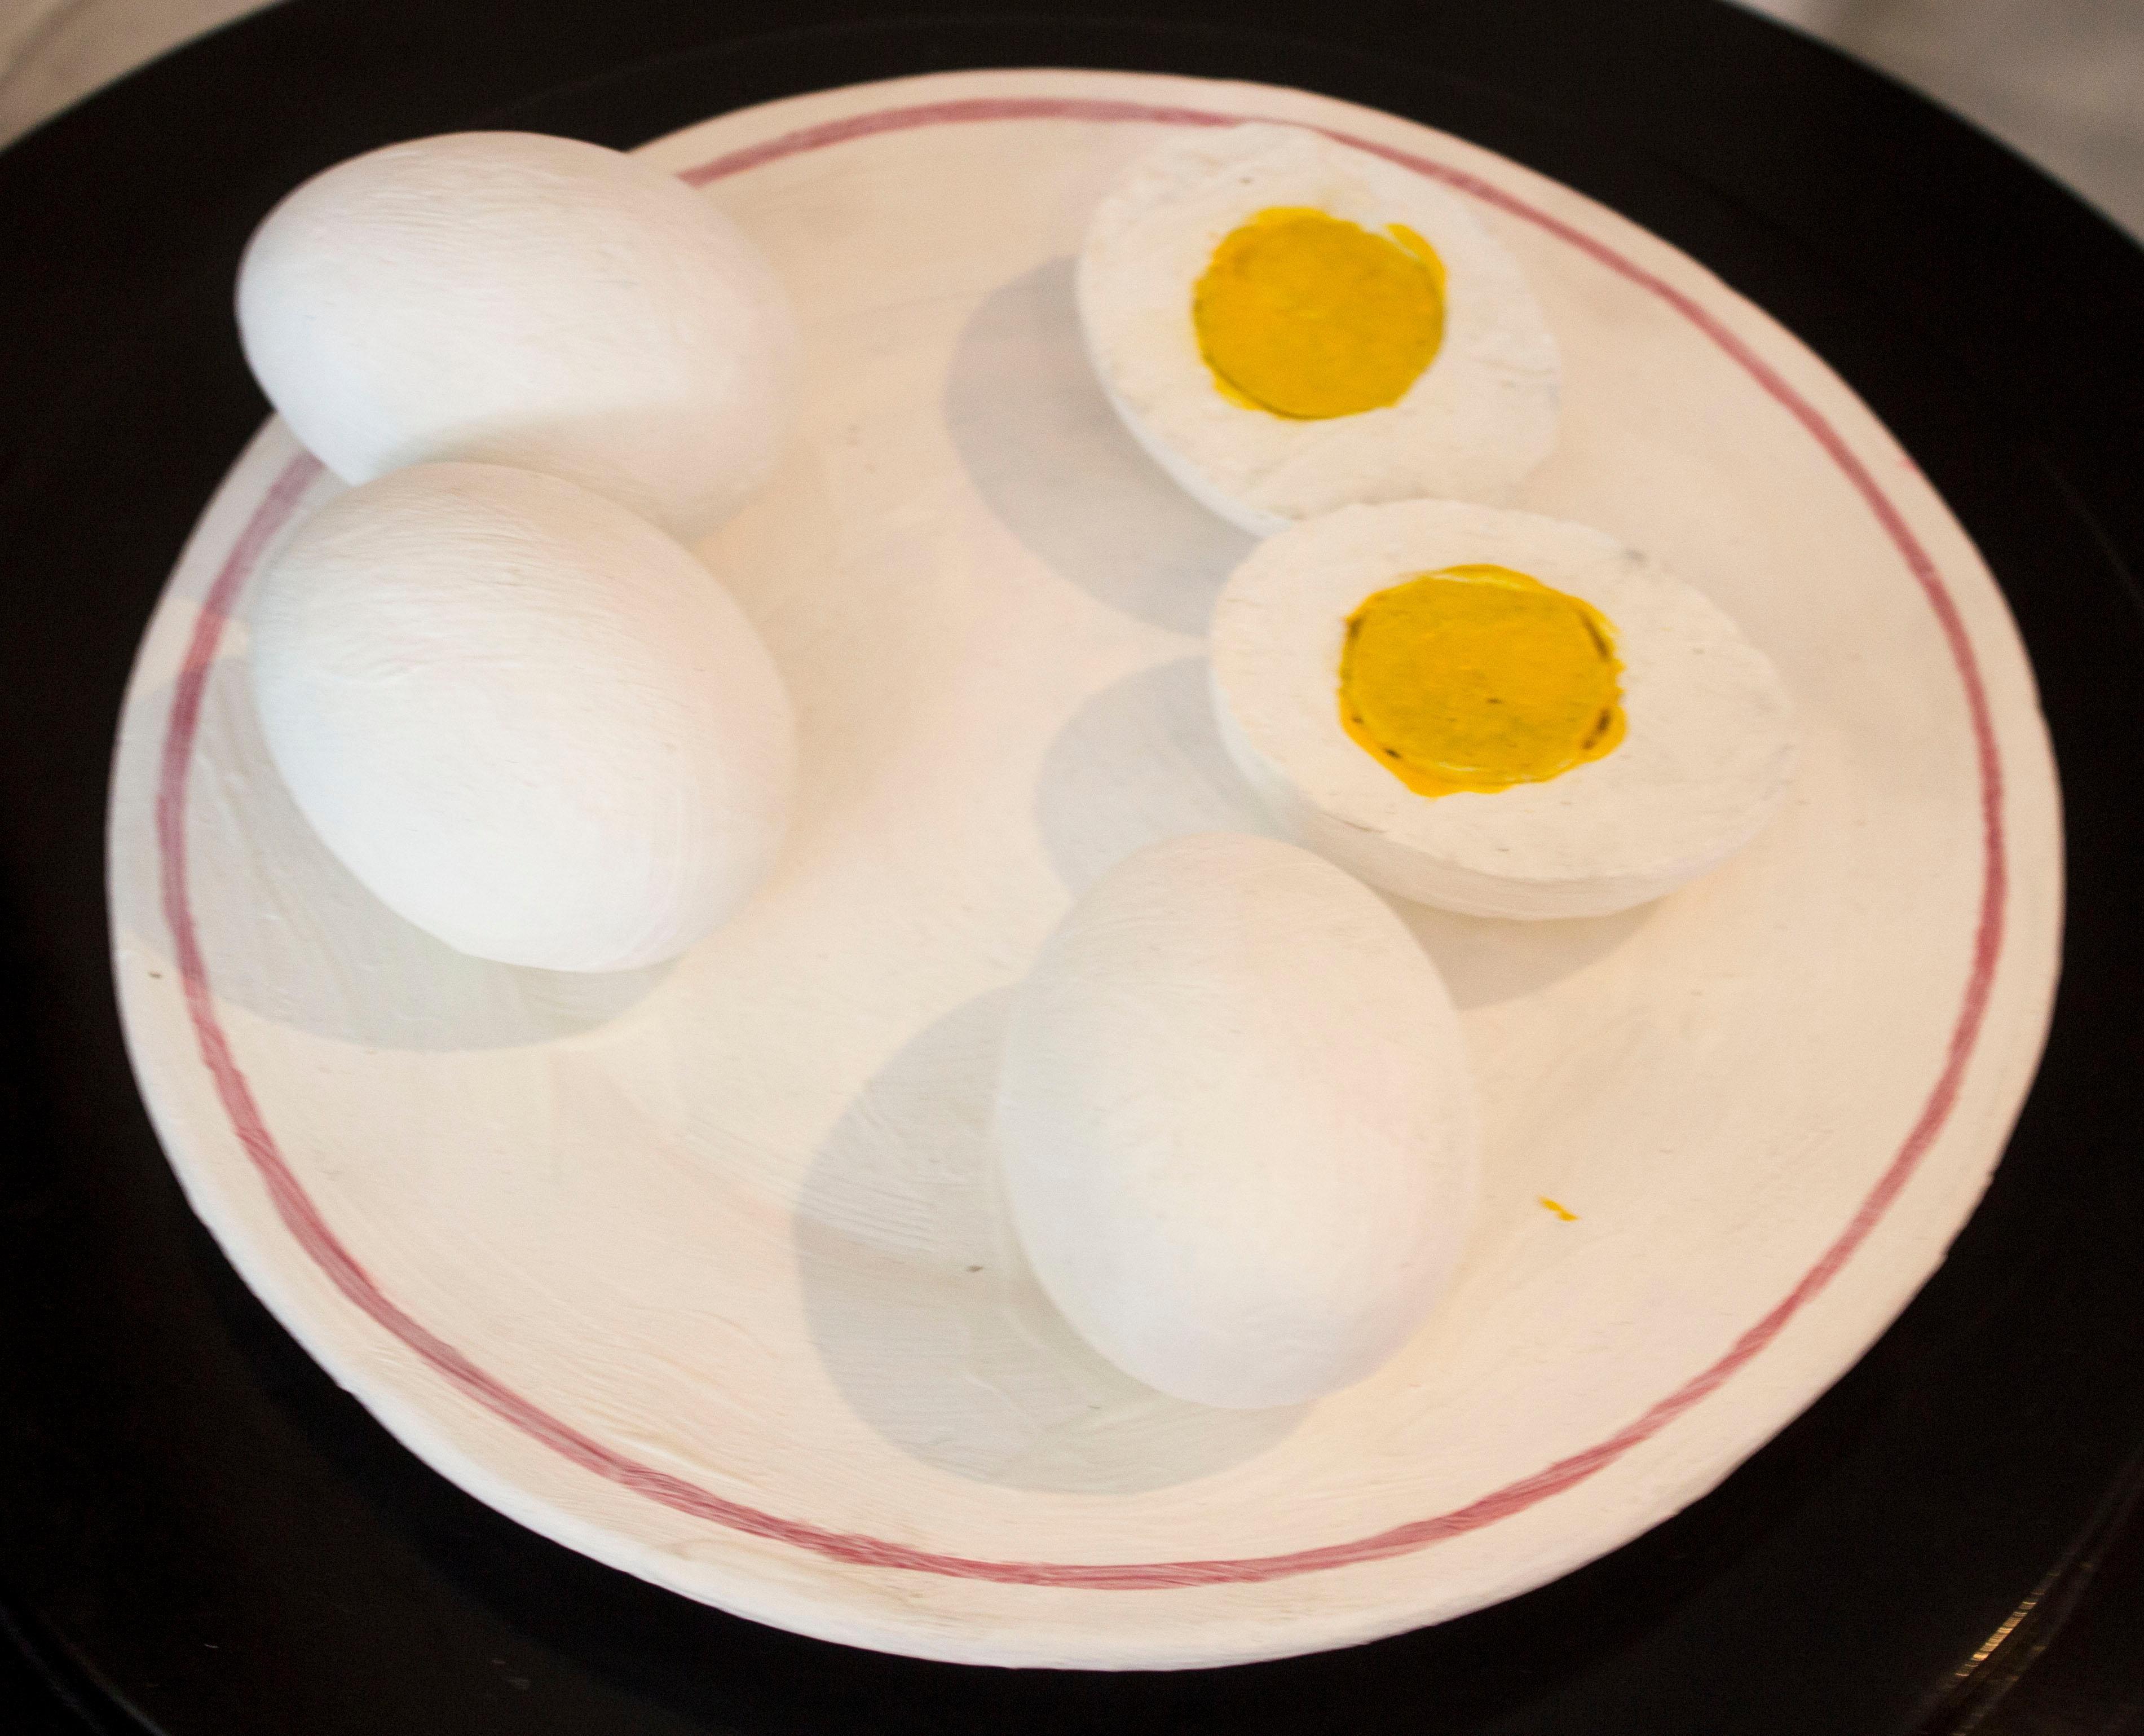 Pintura de cuatro huevos duros en un plato